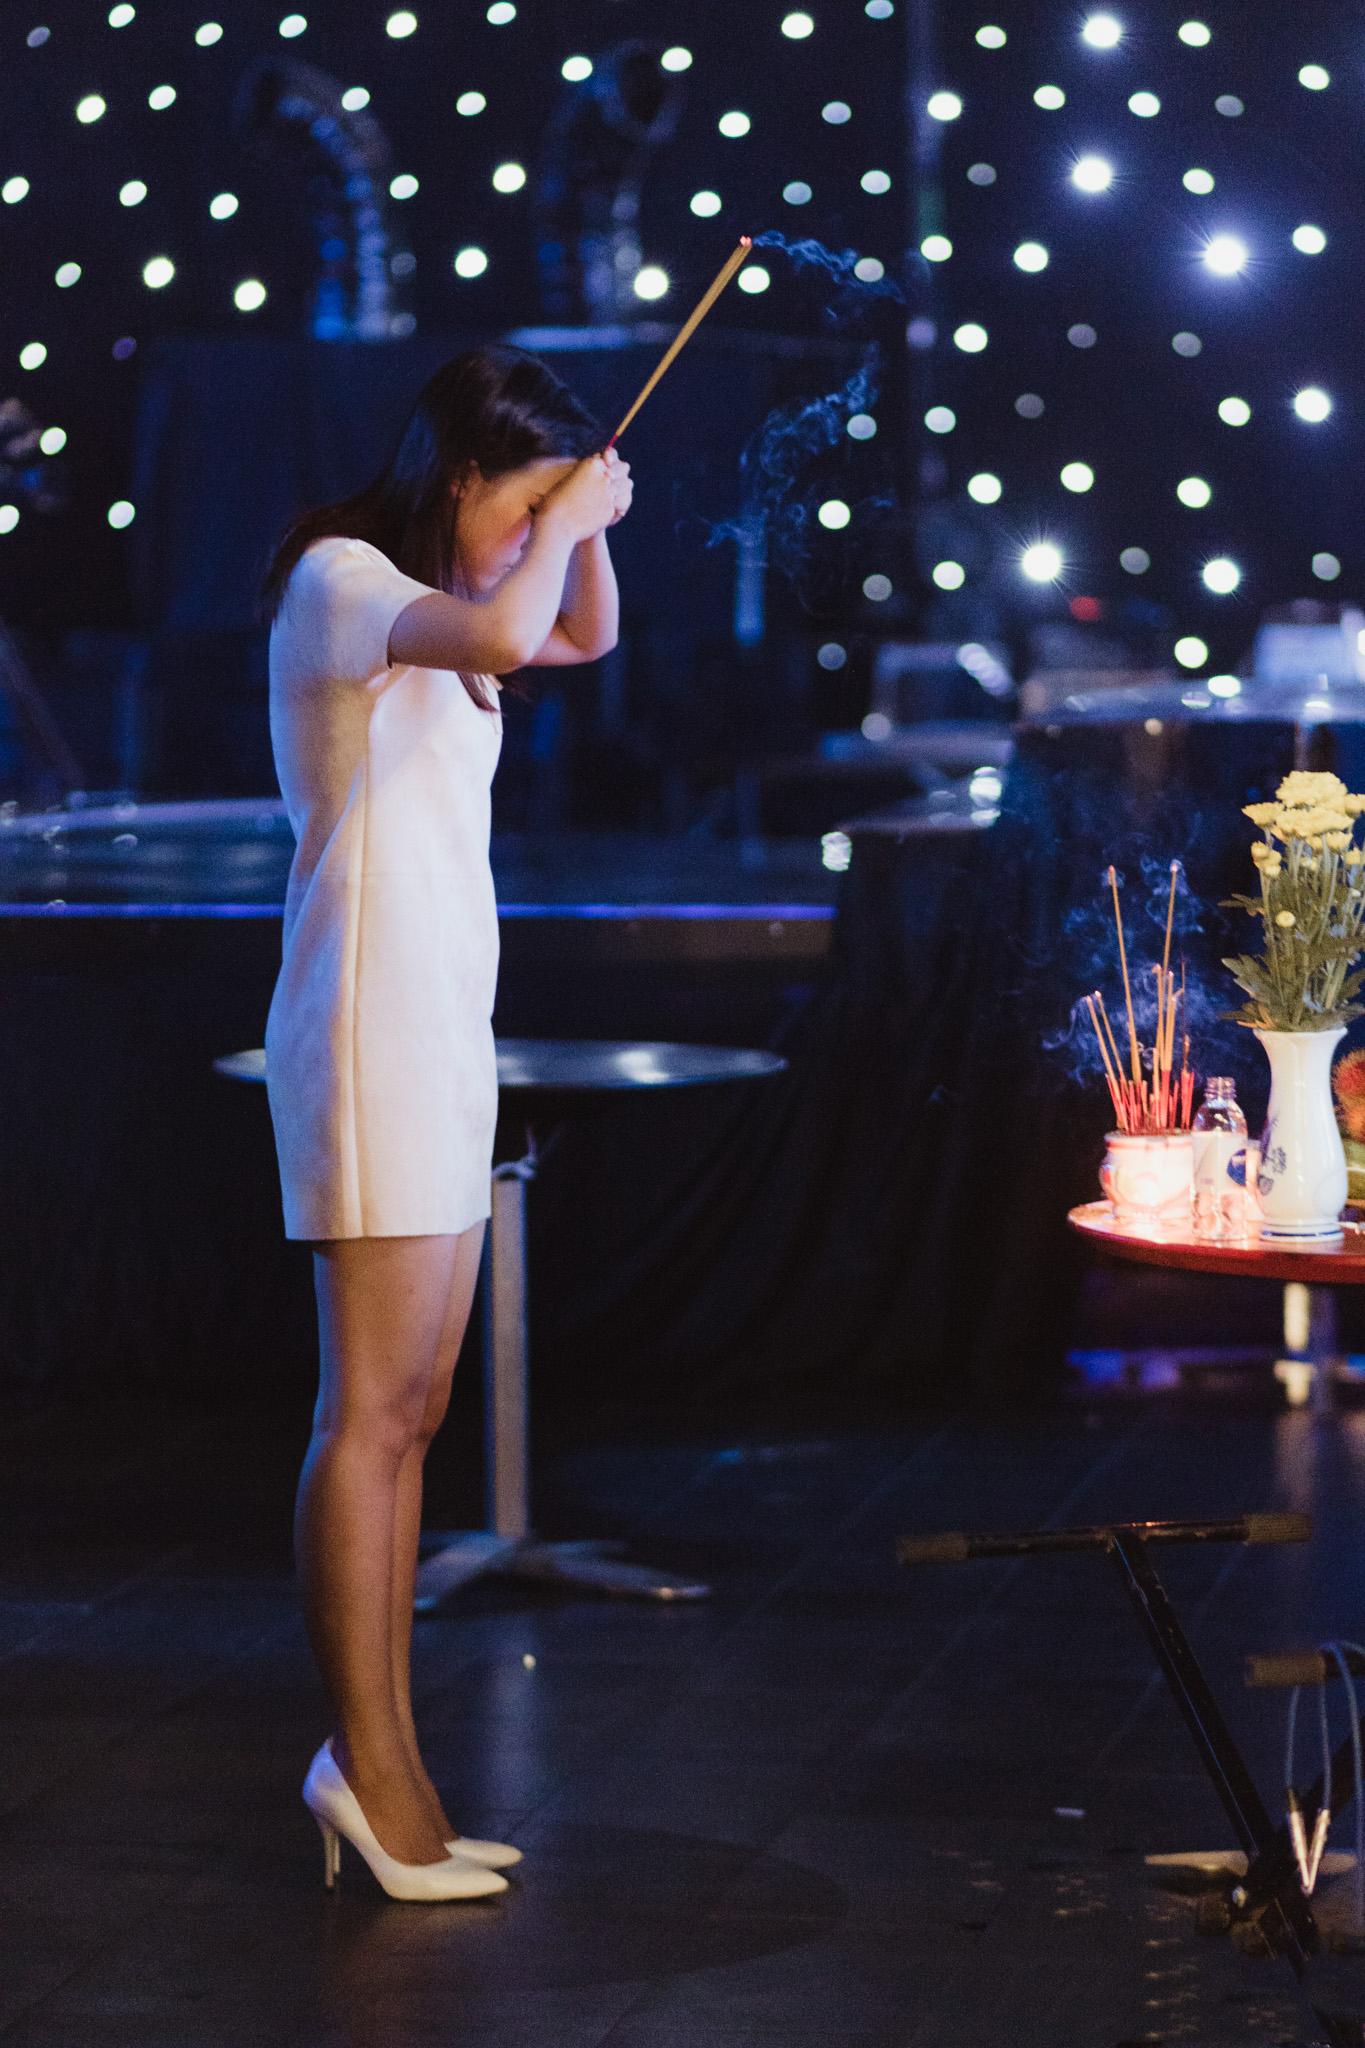 Hoàng Oanh suýt khóc khi quá nhập tâm hát cải lương 1